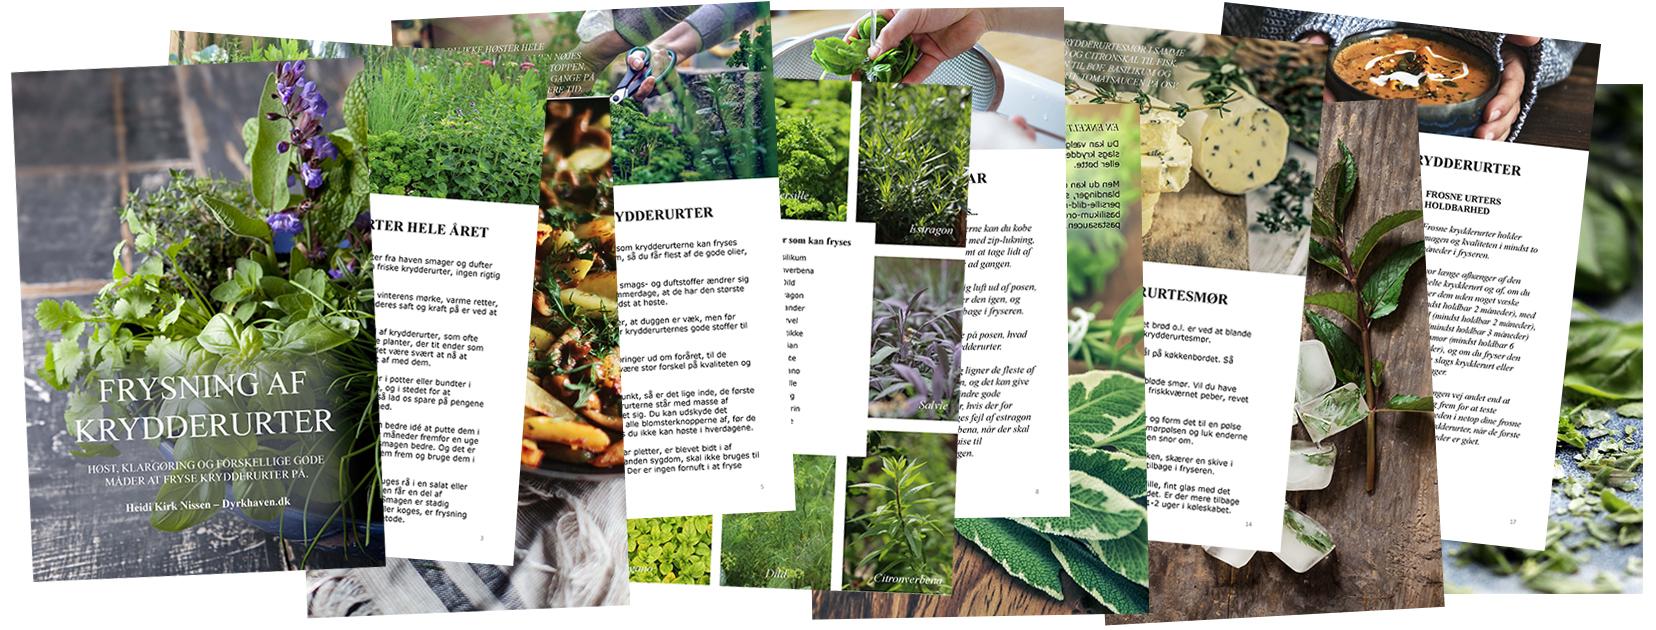 Gem krydderurter i fryseren. Frosne krydderurter bevarer smagen rigtig godt - Dyrkhaven.dk gør det nemt at dyrke din have